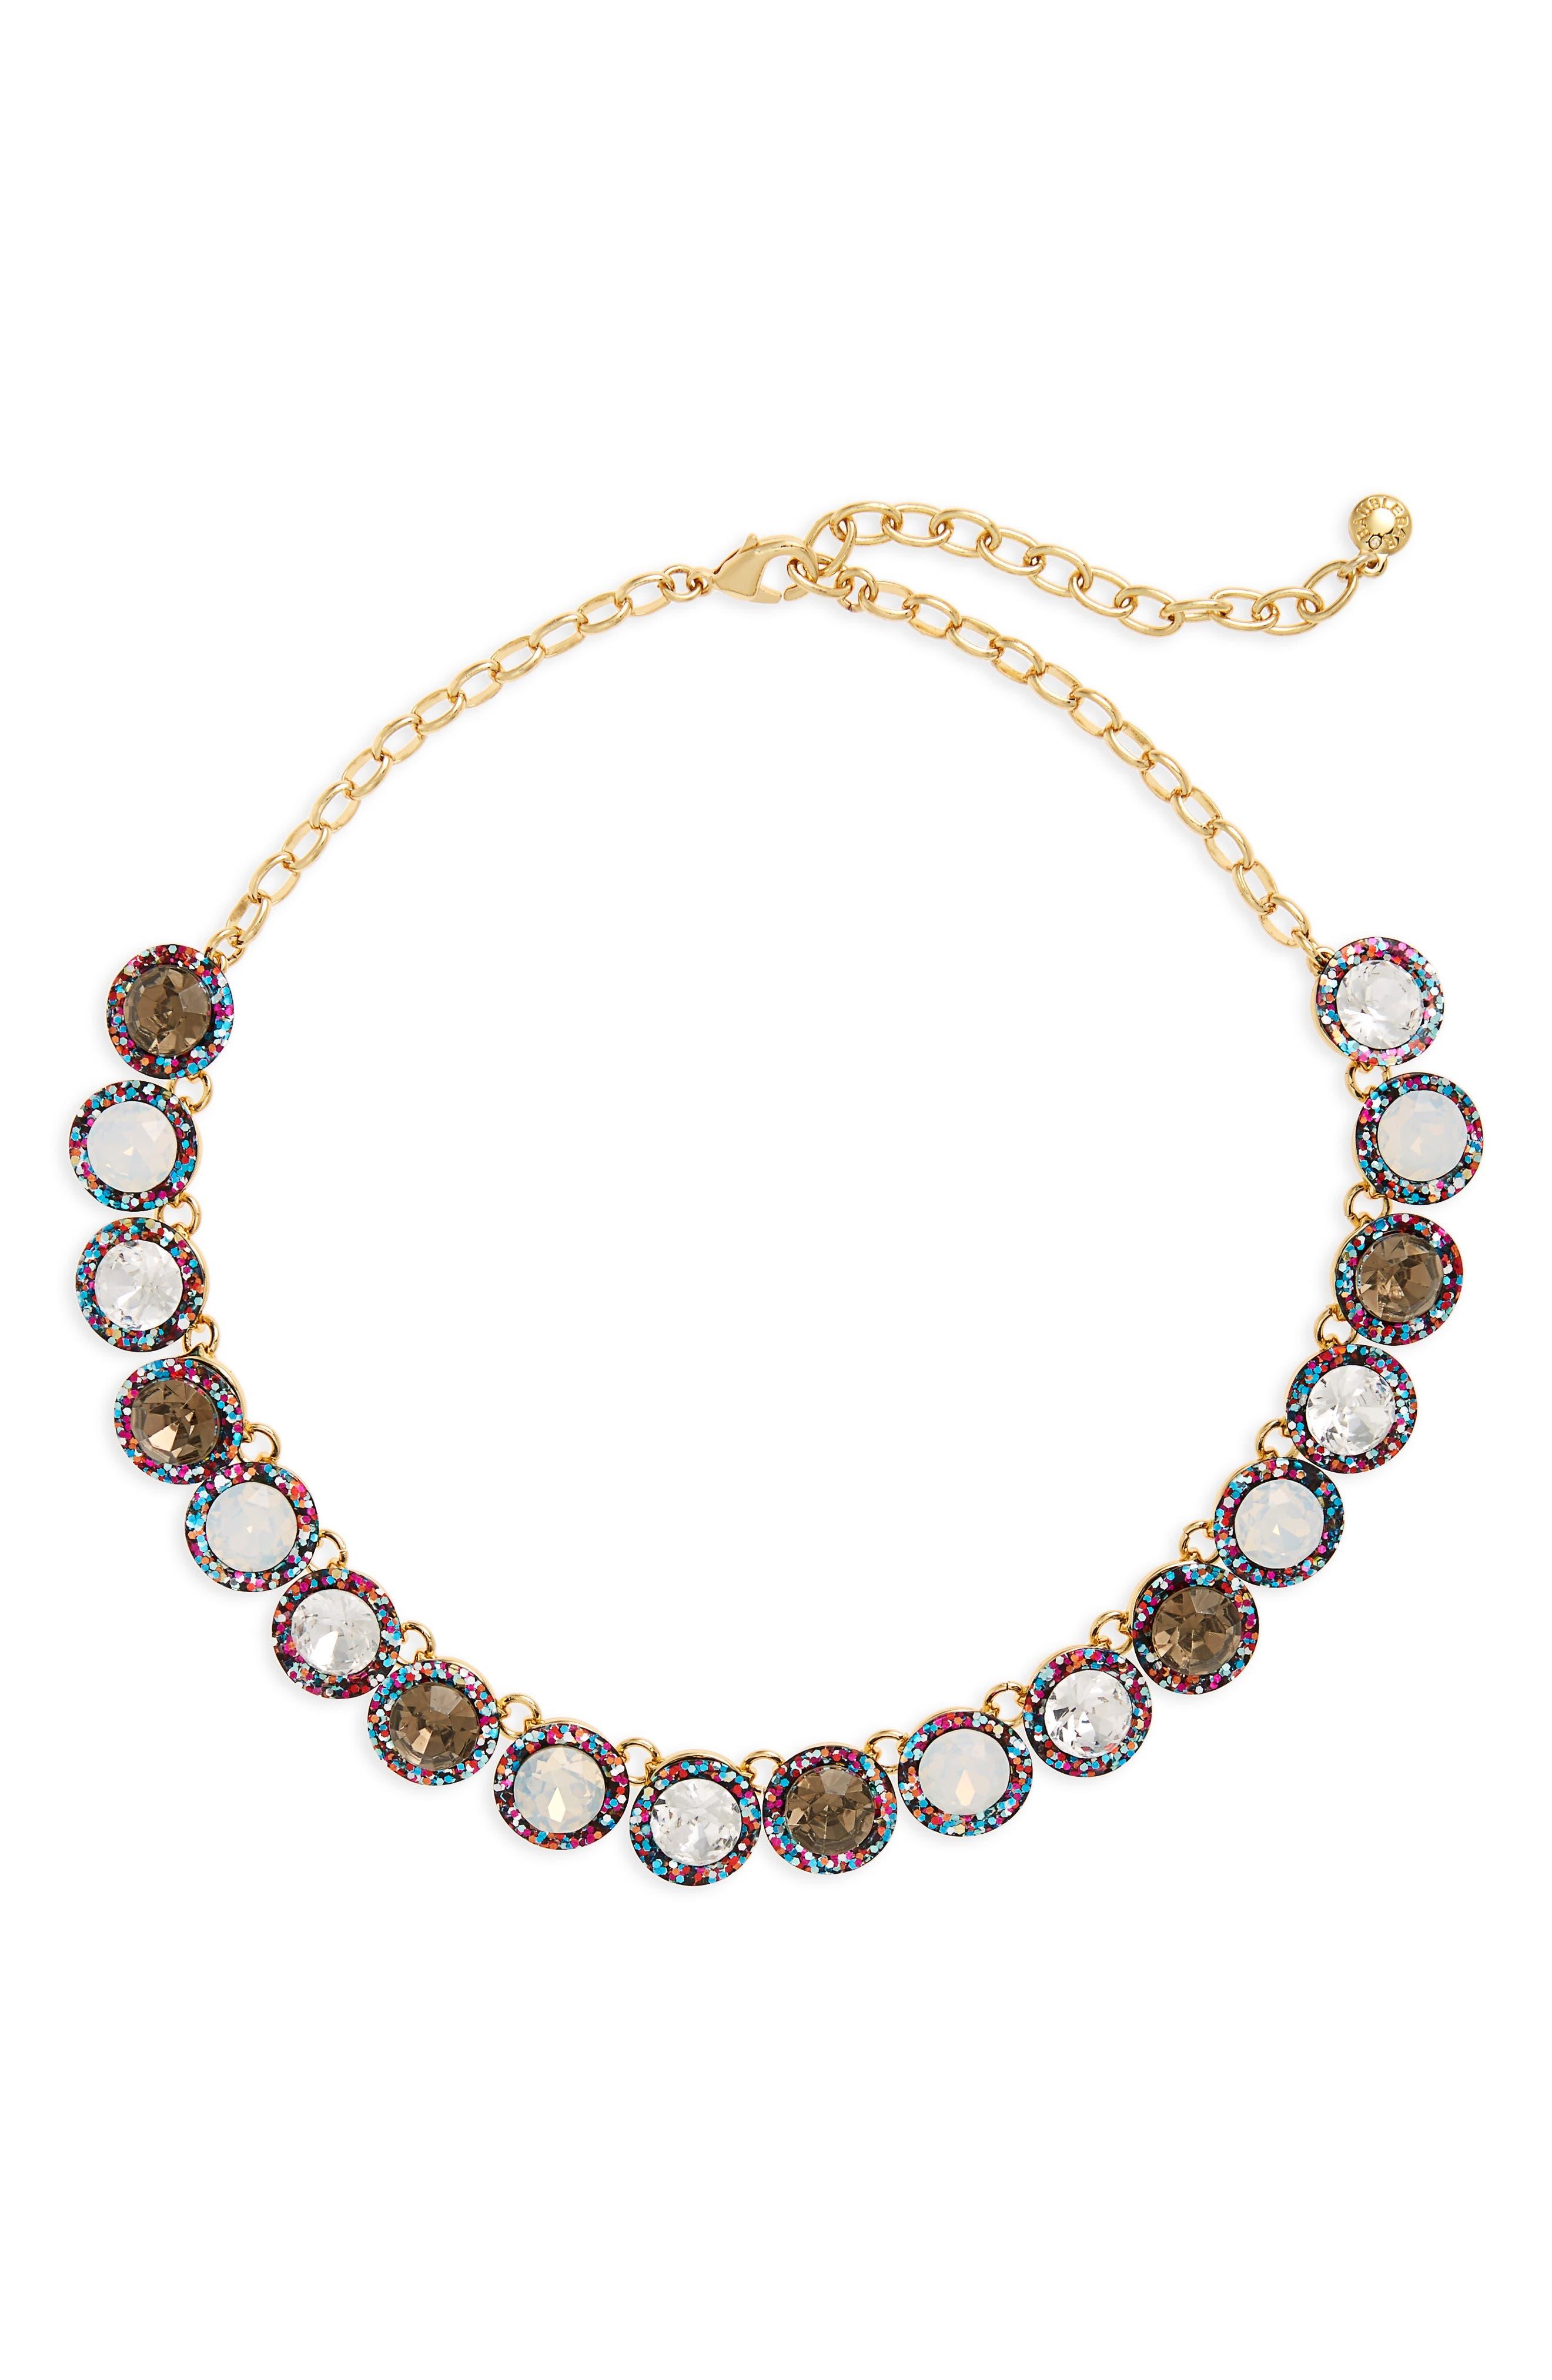 BAUBLEBAR Jewel Collar Necklace